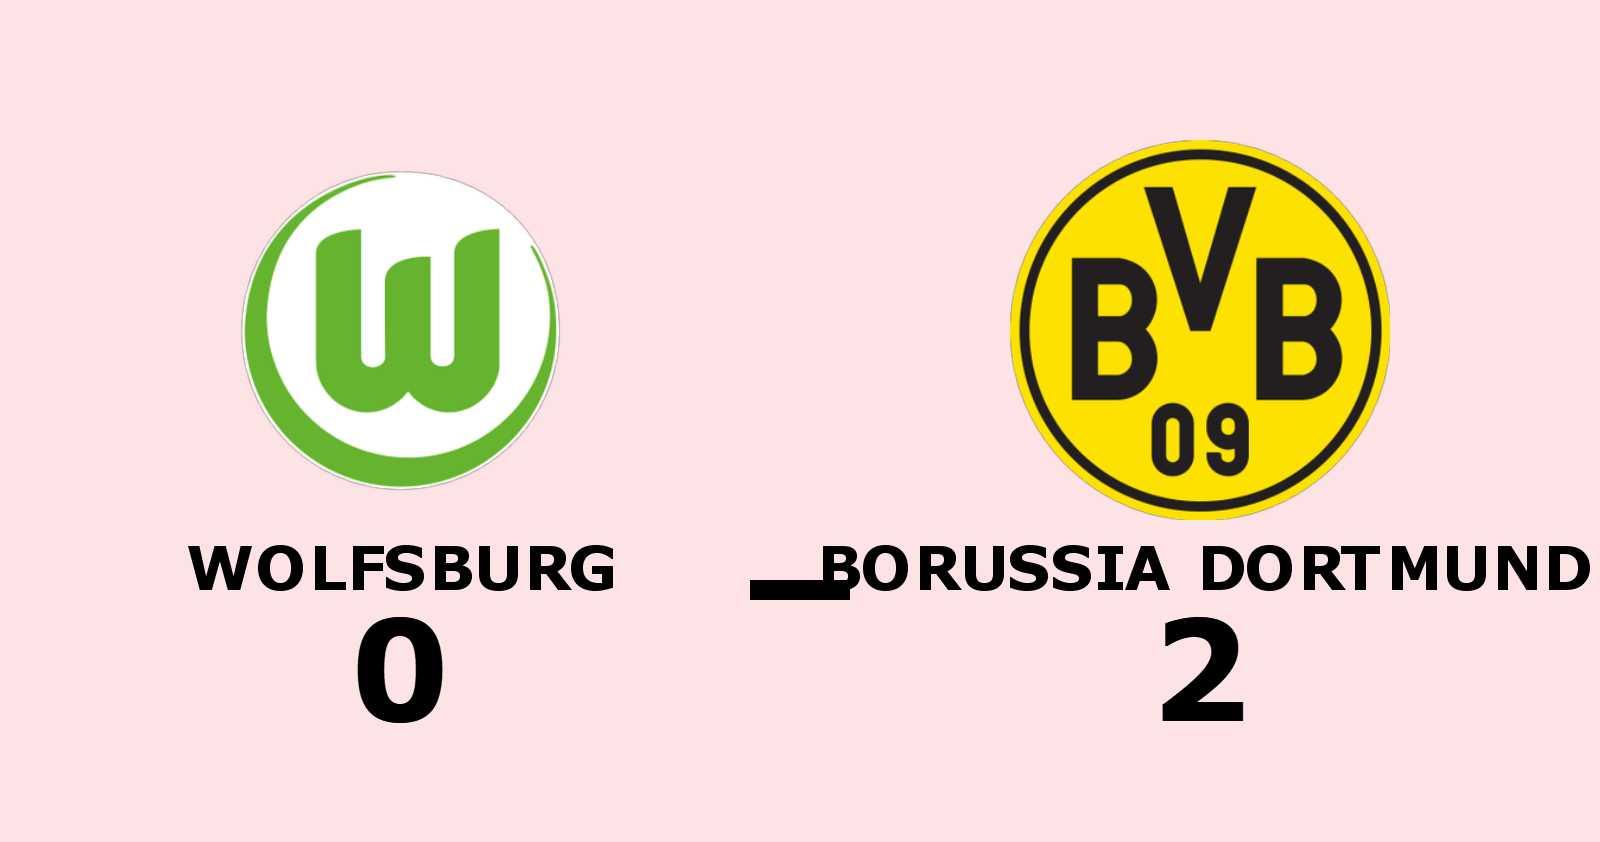 Tredje raka för Borussia Dortmund